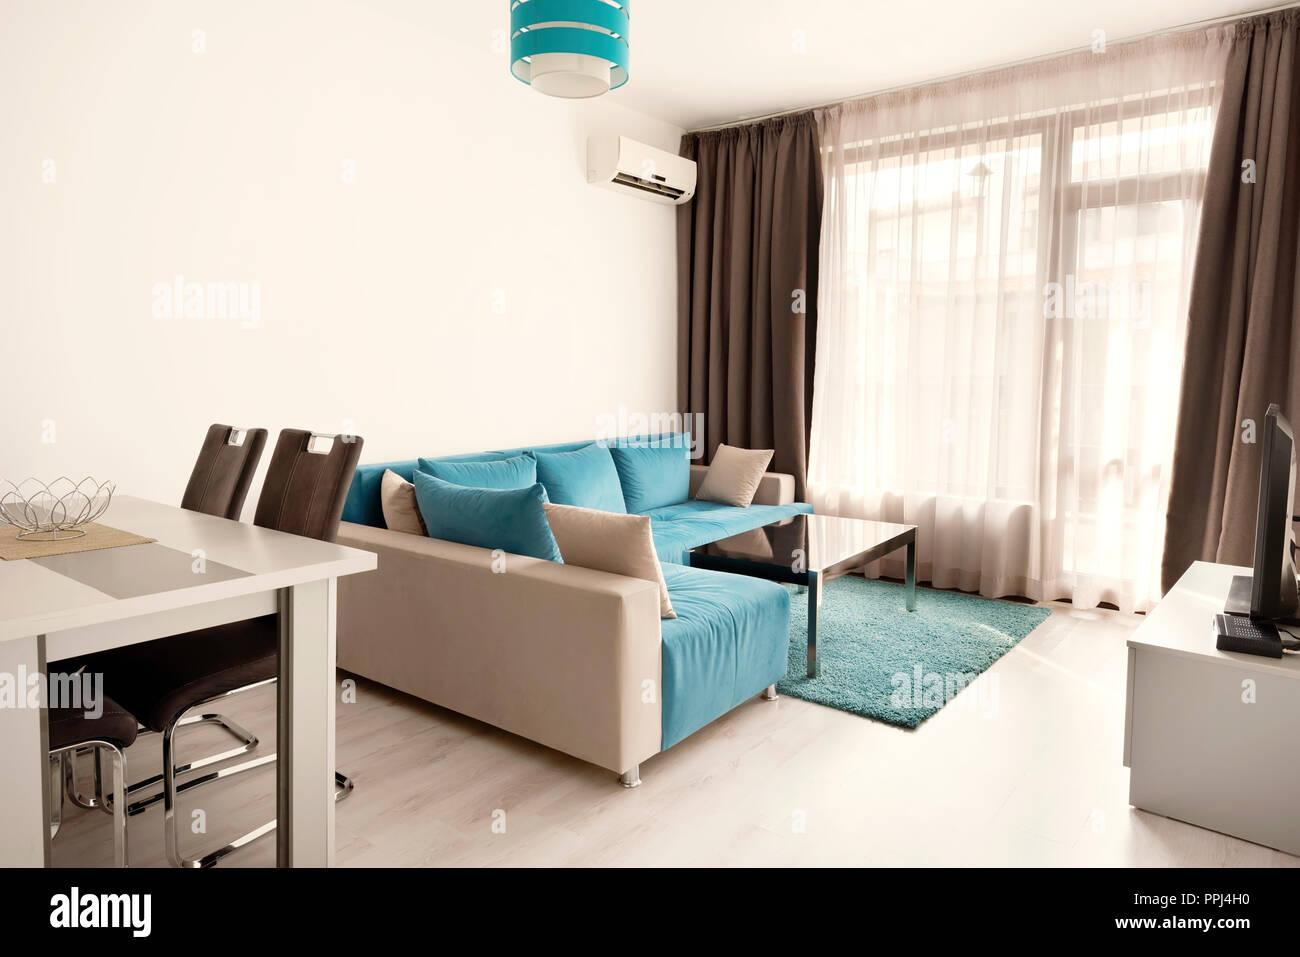 Wandgestaltung Wohnzimmer Grau Türkis | Wohnzimmergestaltung ...